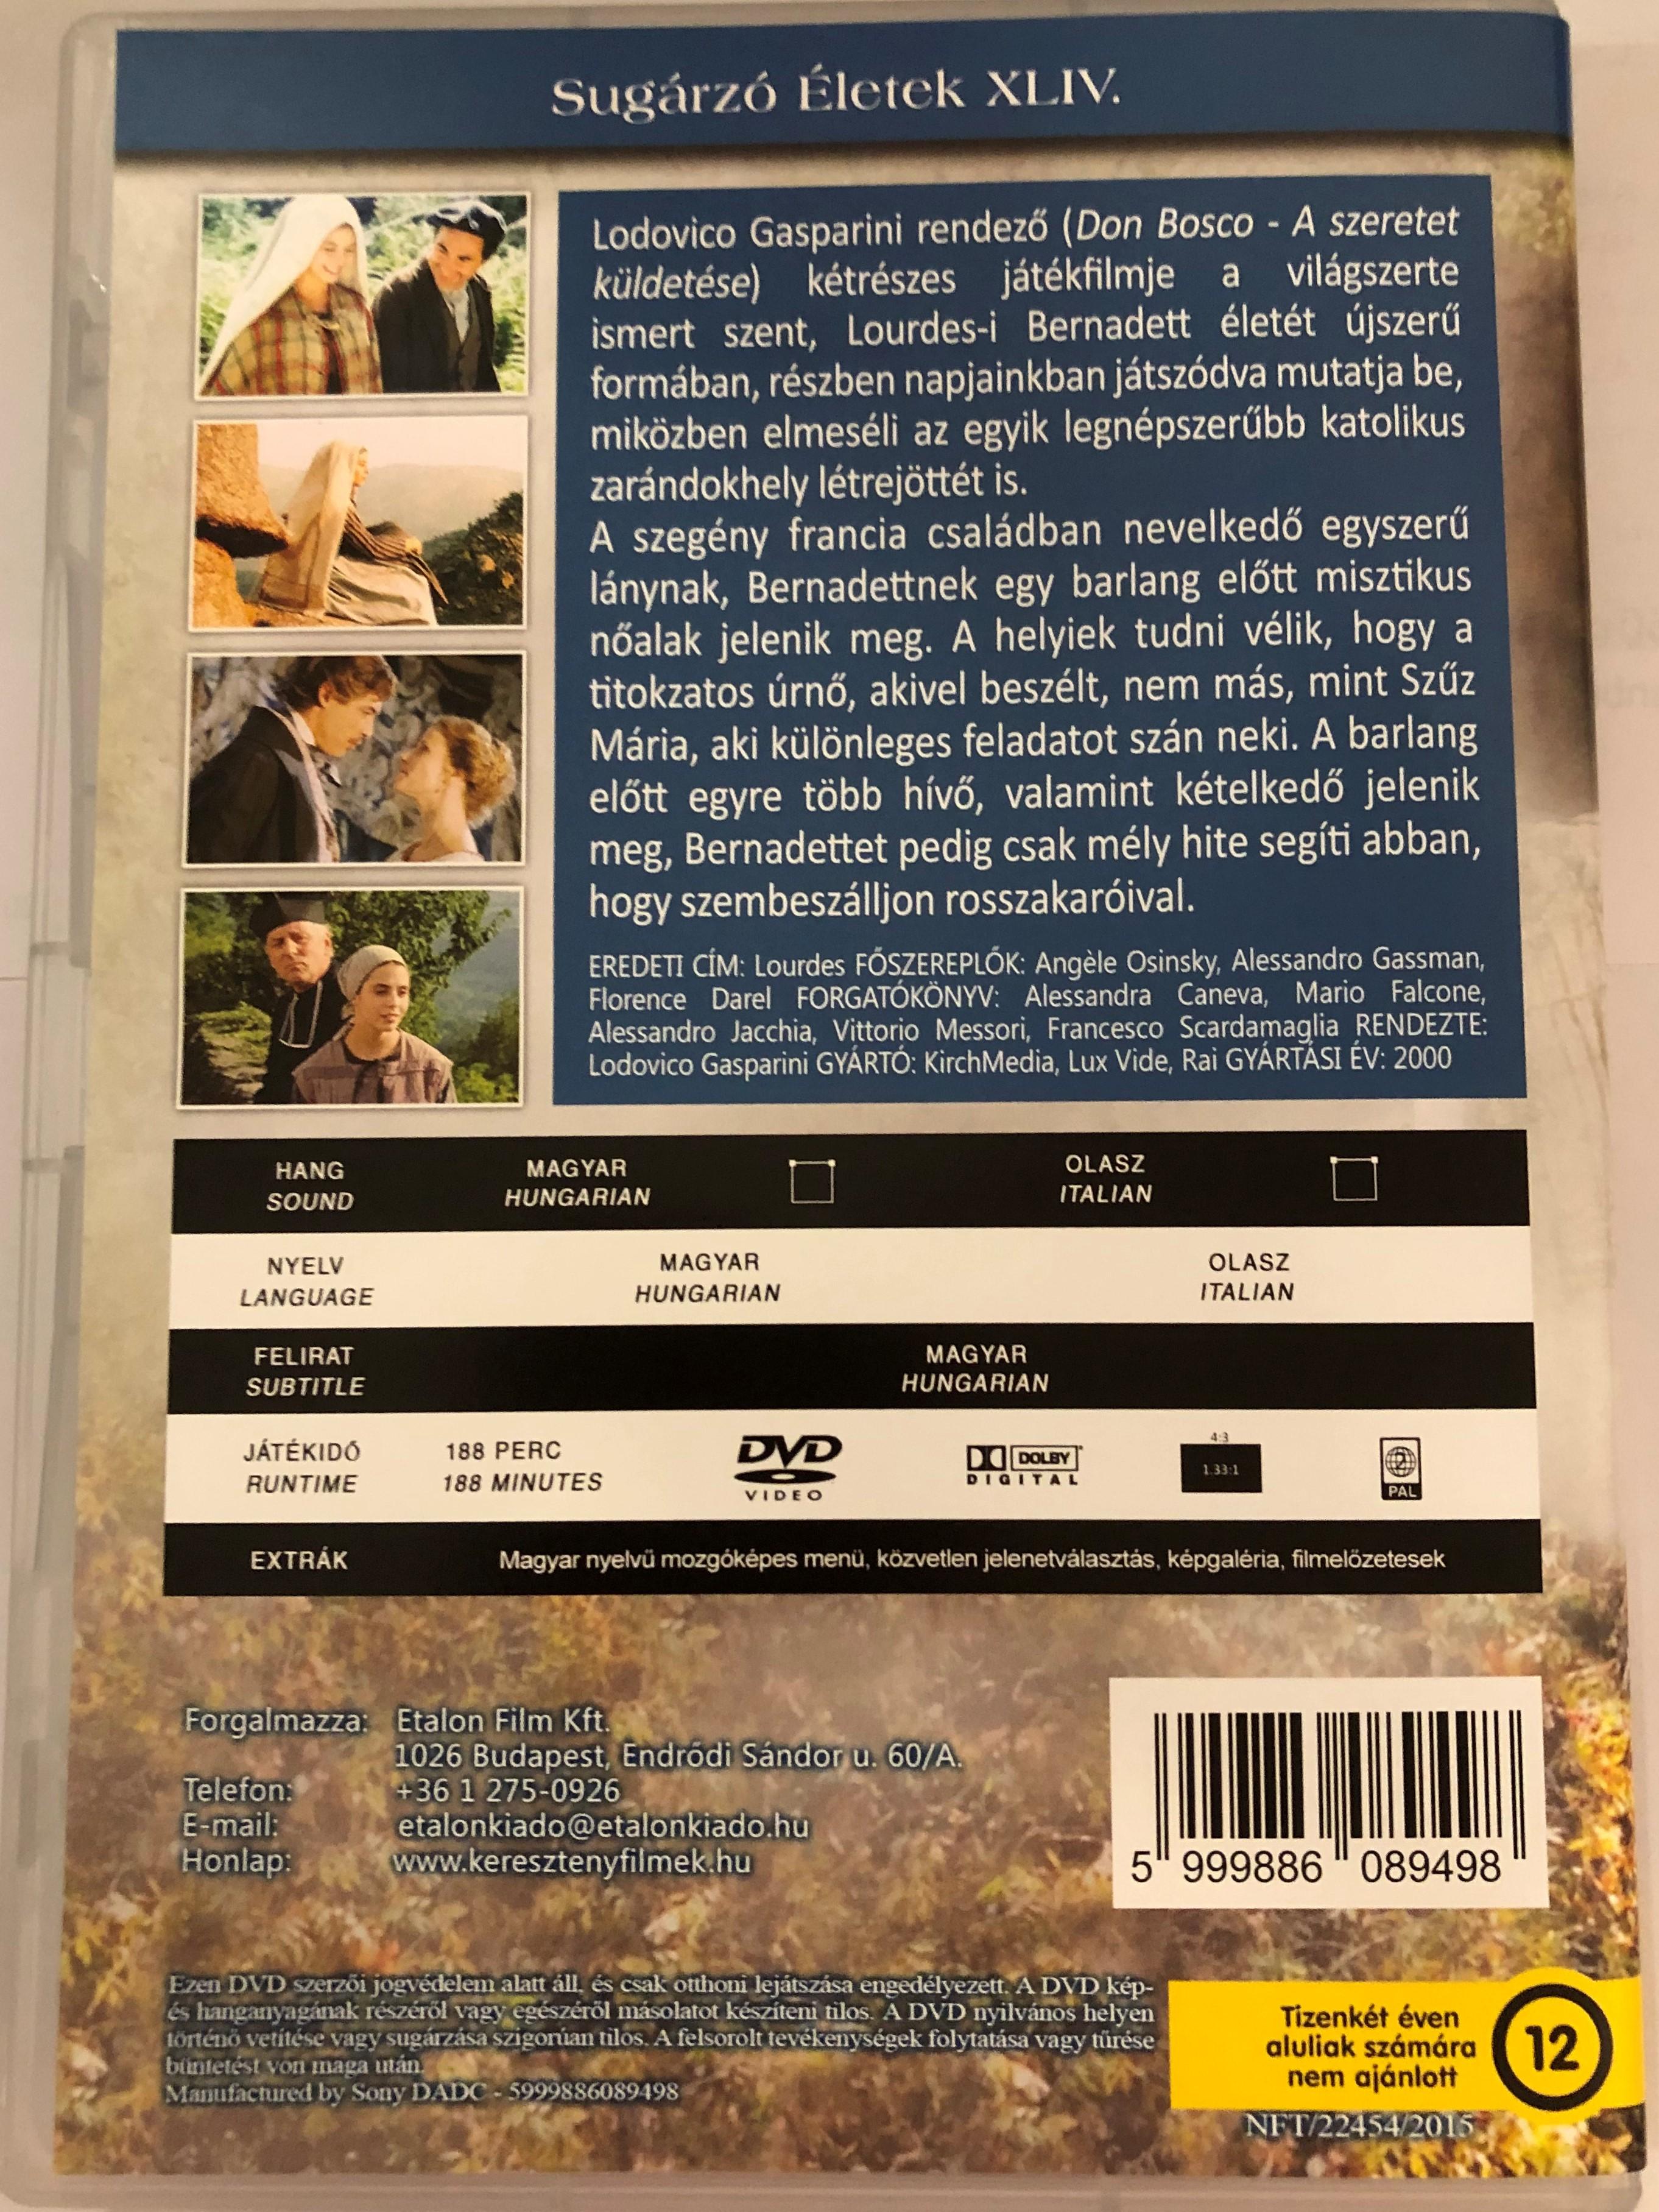 -lourdes-2xdvd-2000-a-lourdes-i-csoda-szent-bernadett-lete-4.jpg